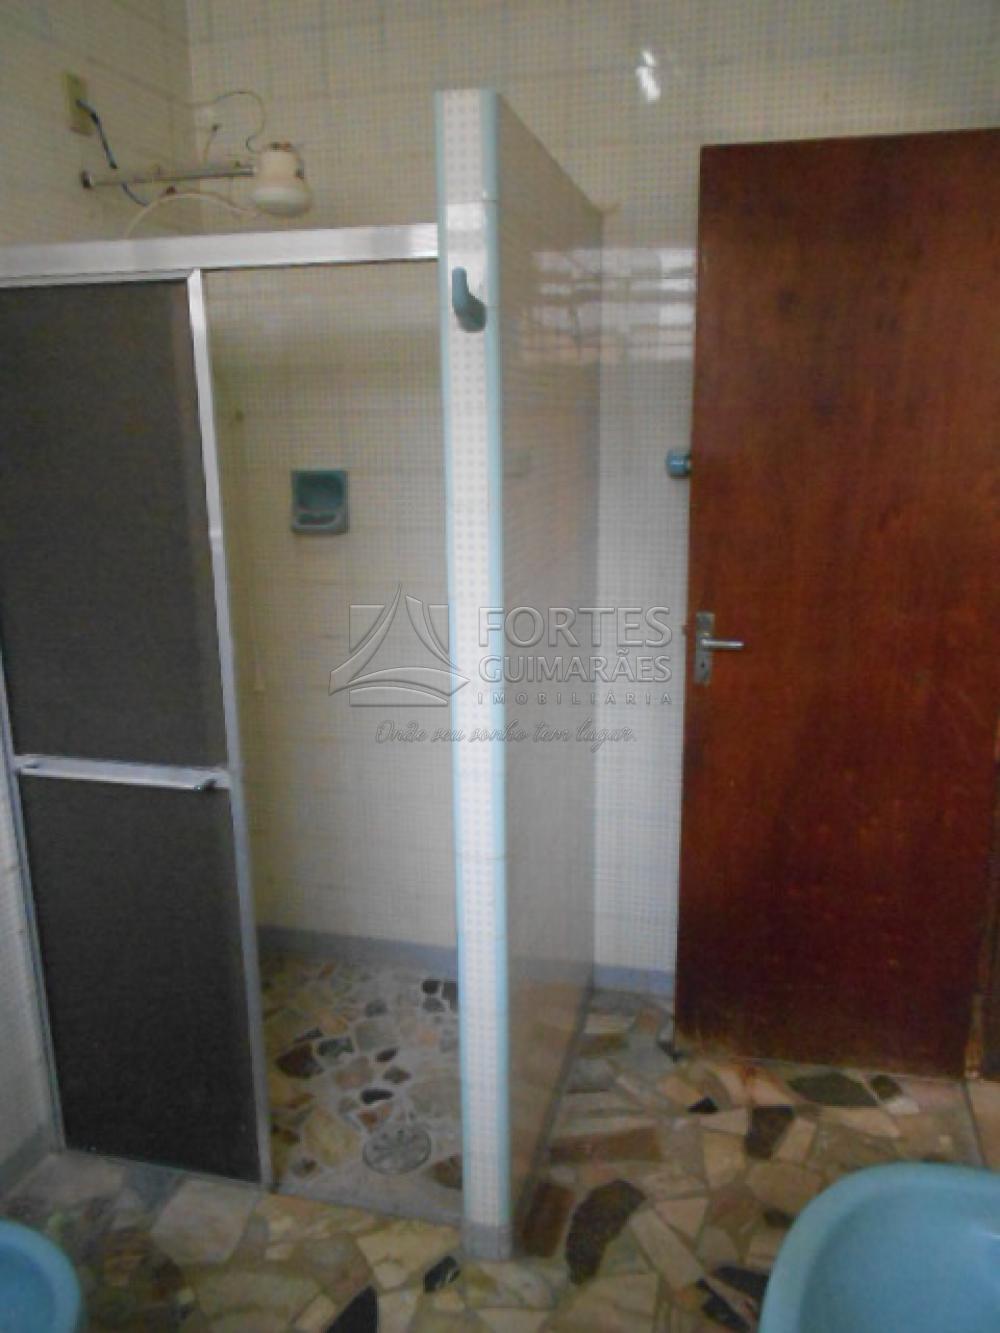 Alugar Comercial / Imóvel Comercial em Ribeirão Preto apenas R$ 3.000,00 - Foto 34